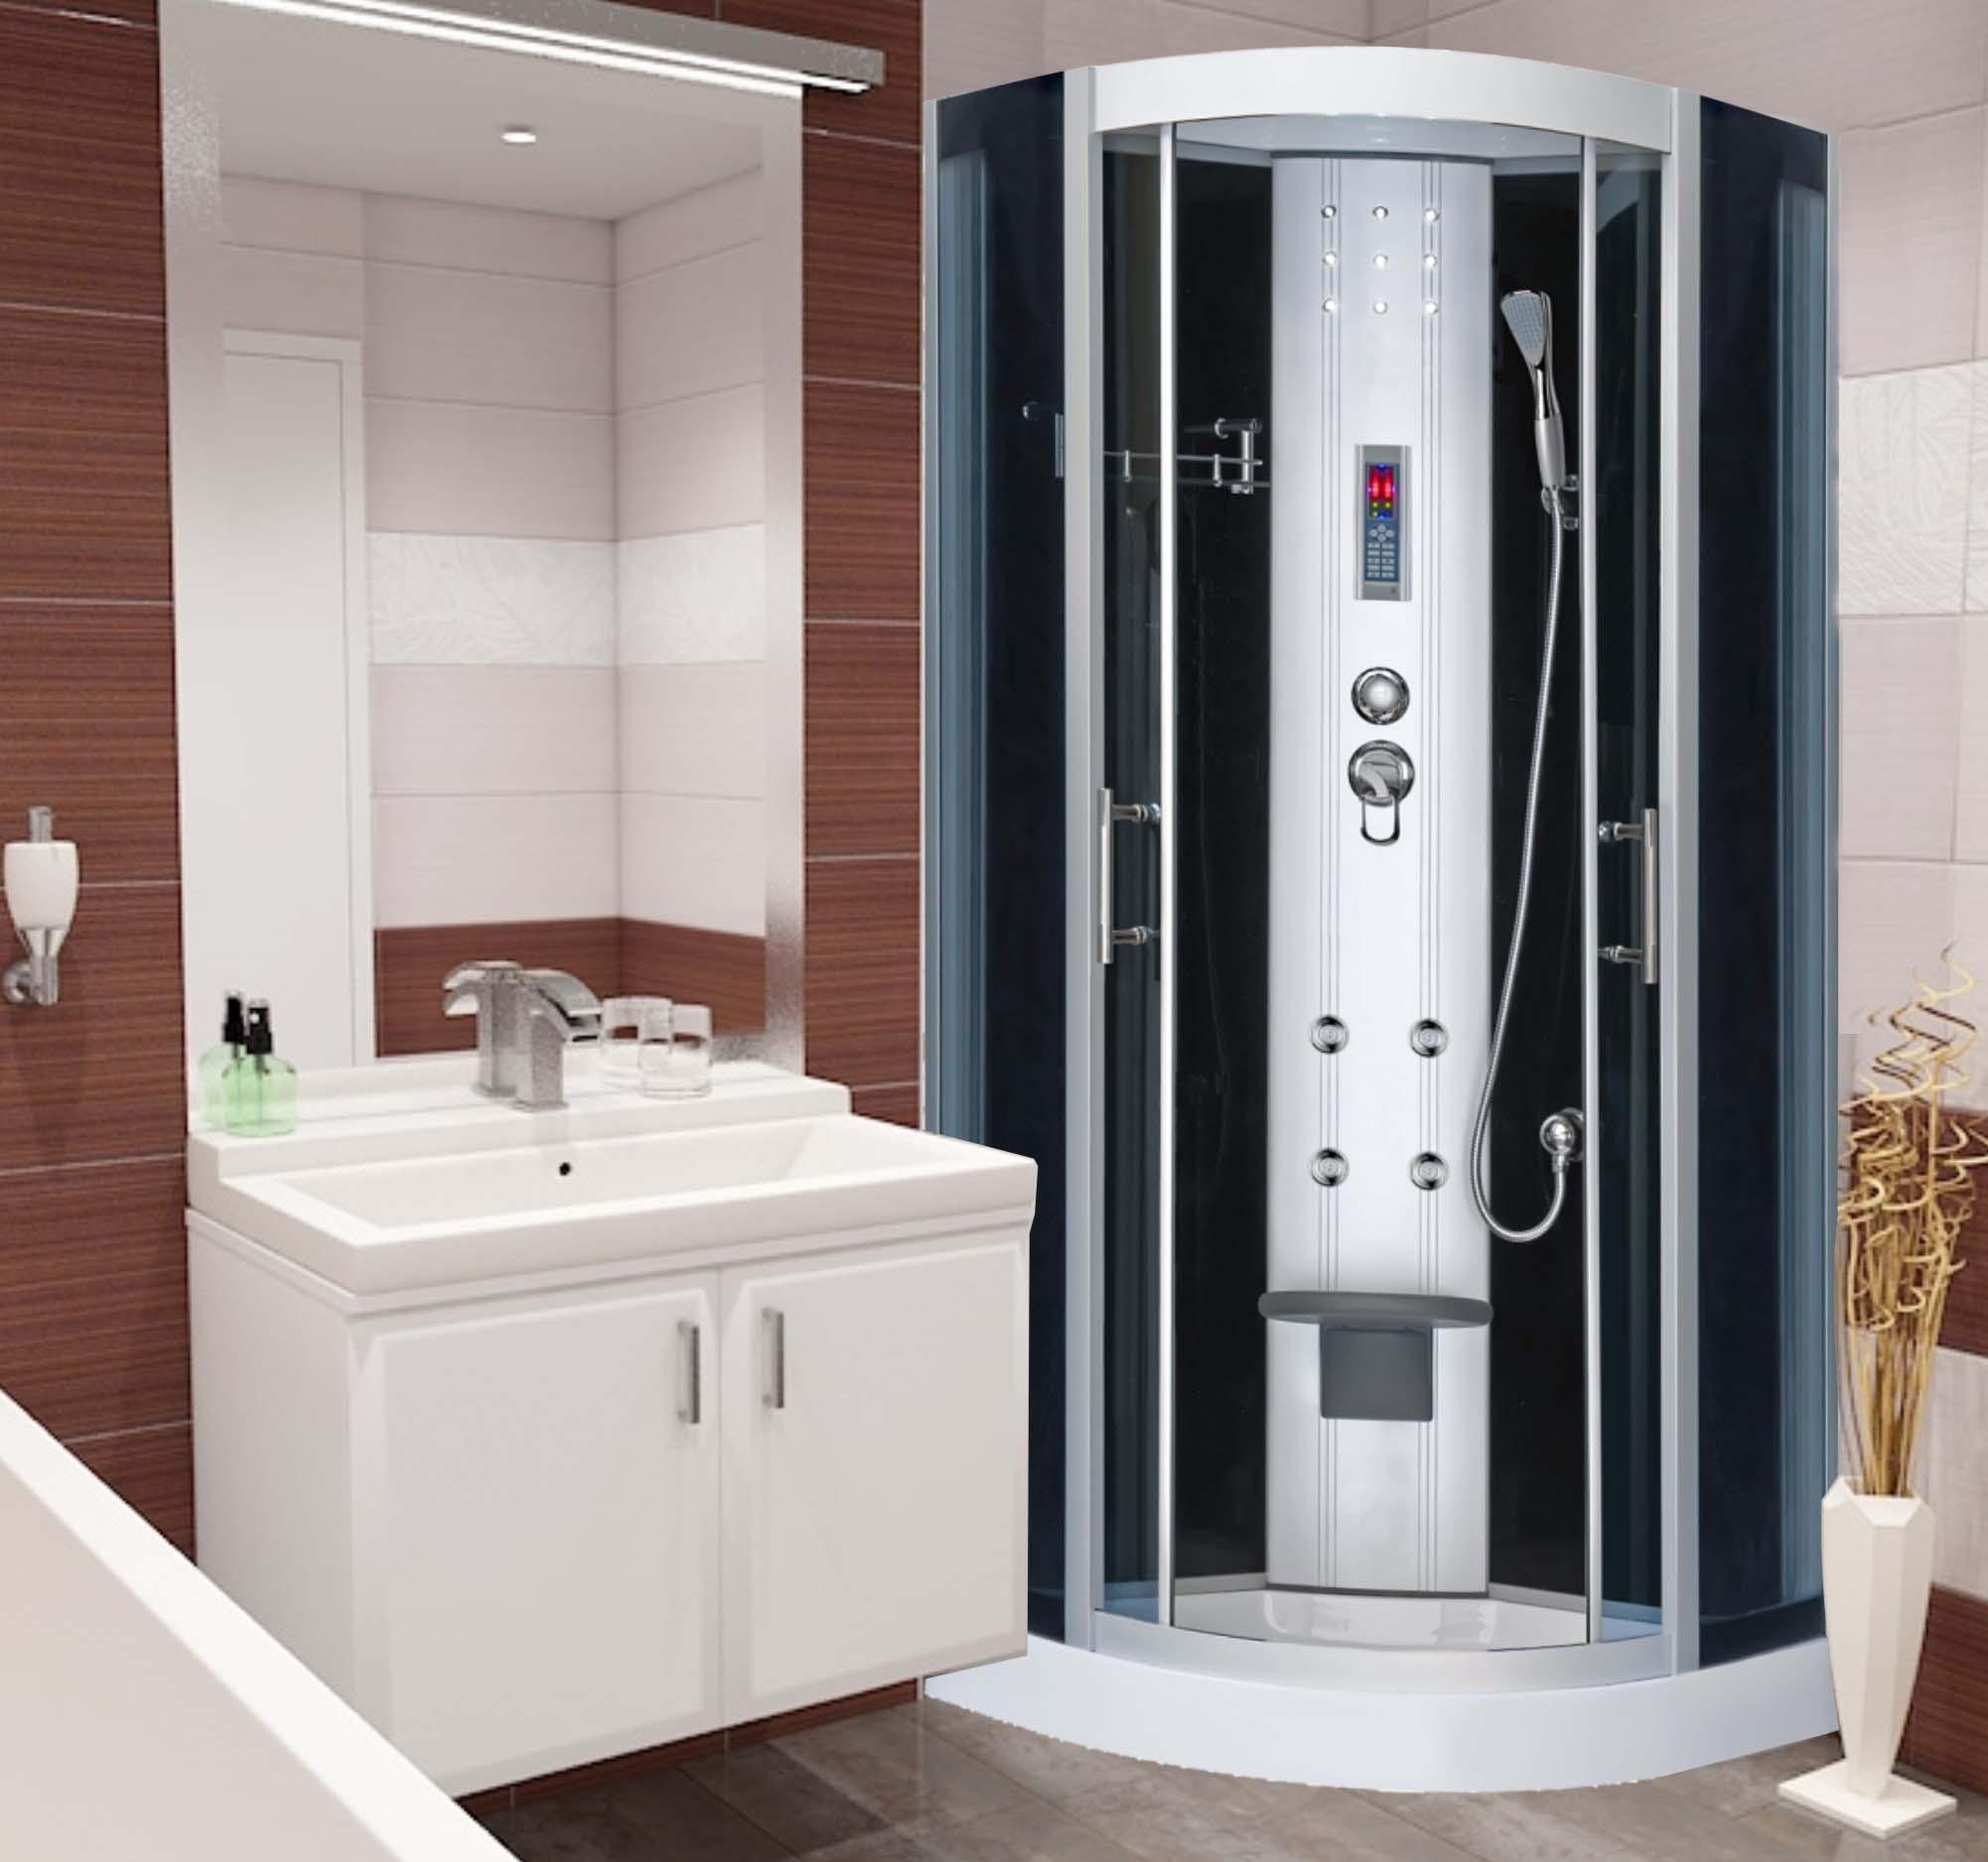 PENNY 90 Well sprchový masážní box, skladem